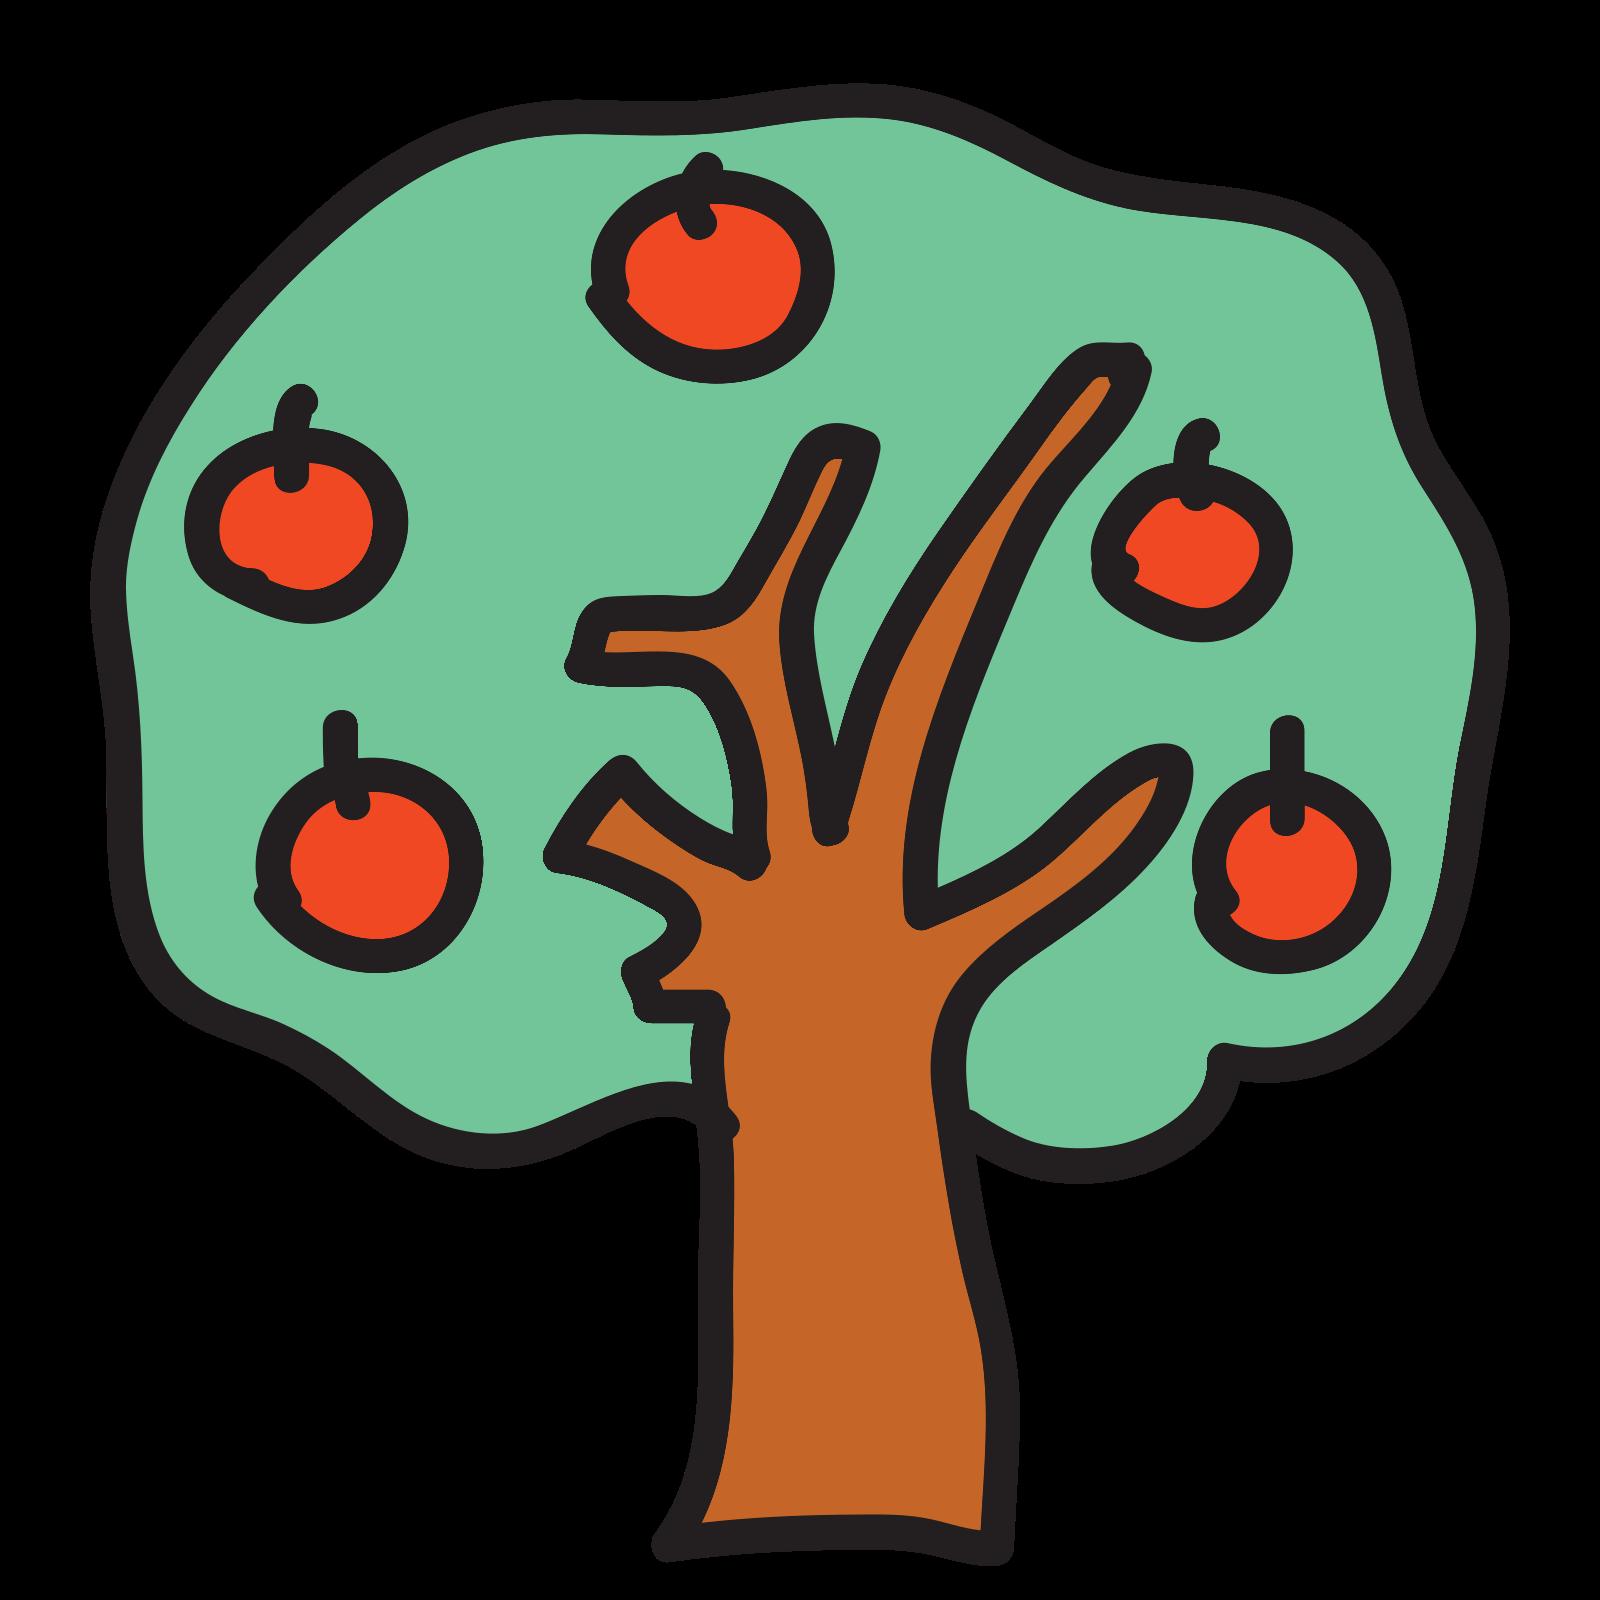 Apple Tree icon